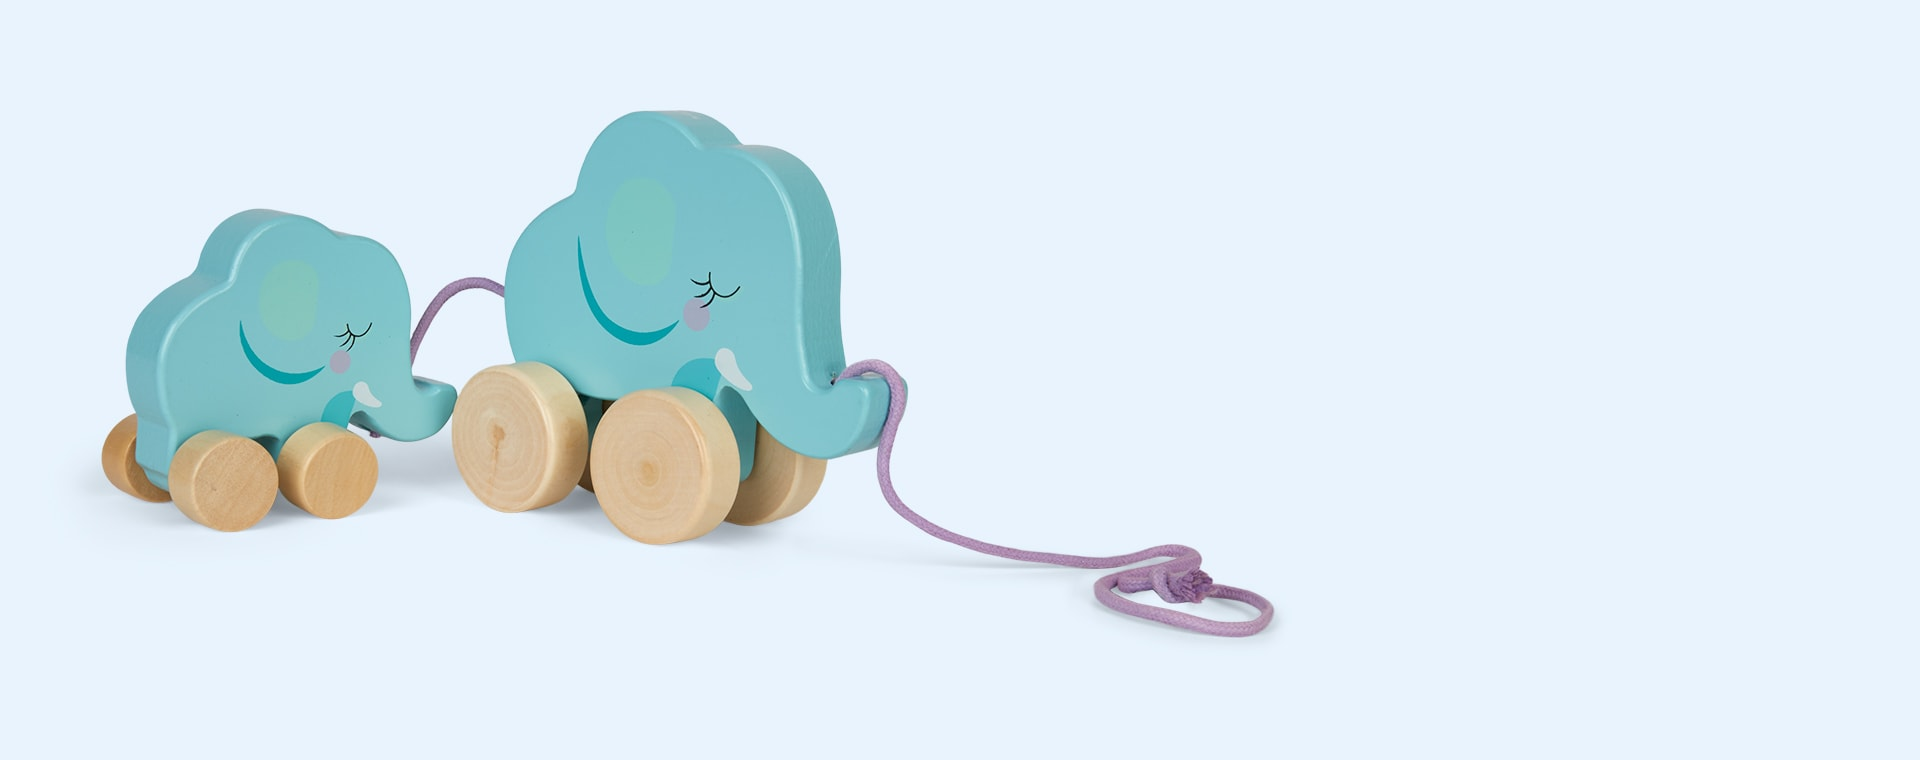 Elephant Sunnylife Family Push And Pull Toy